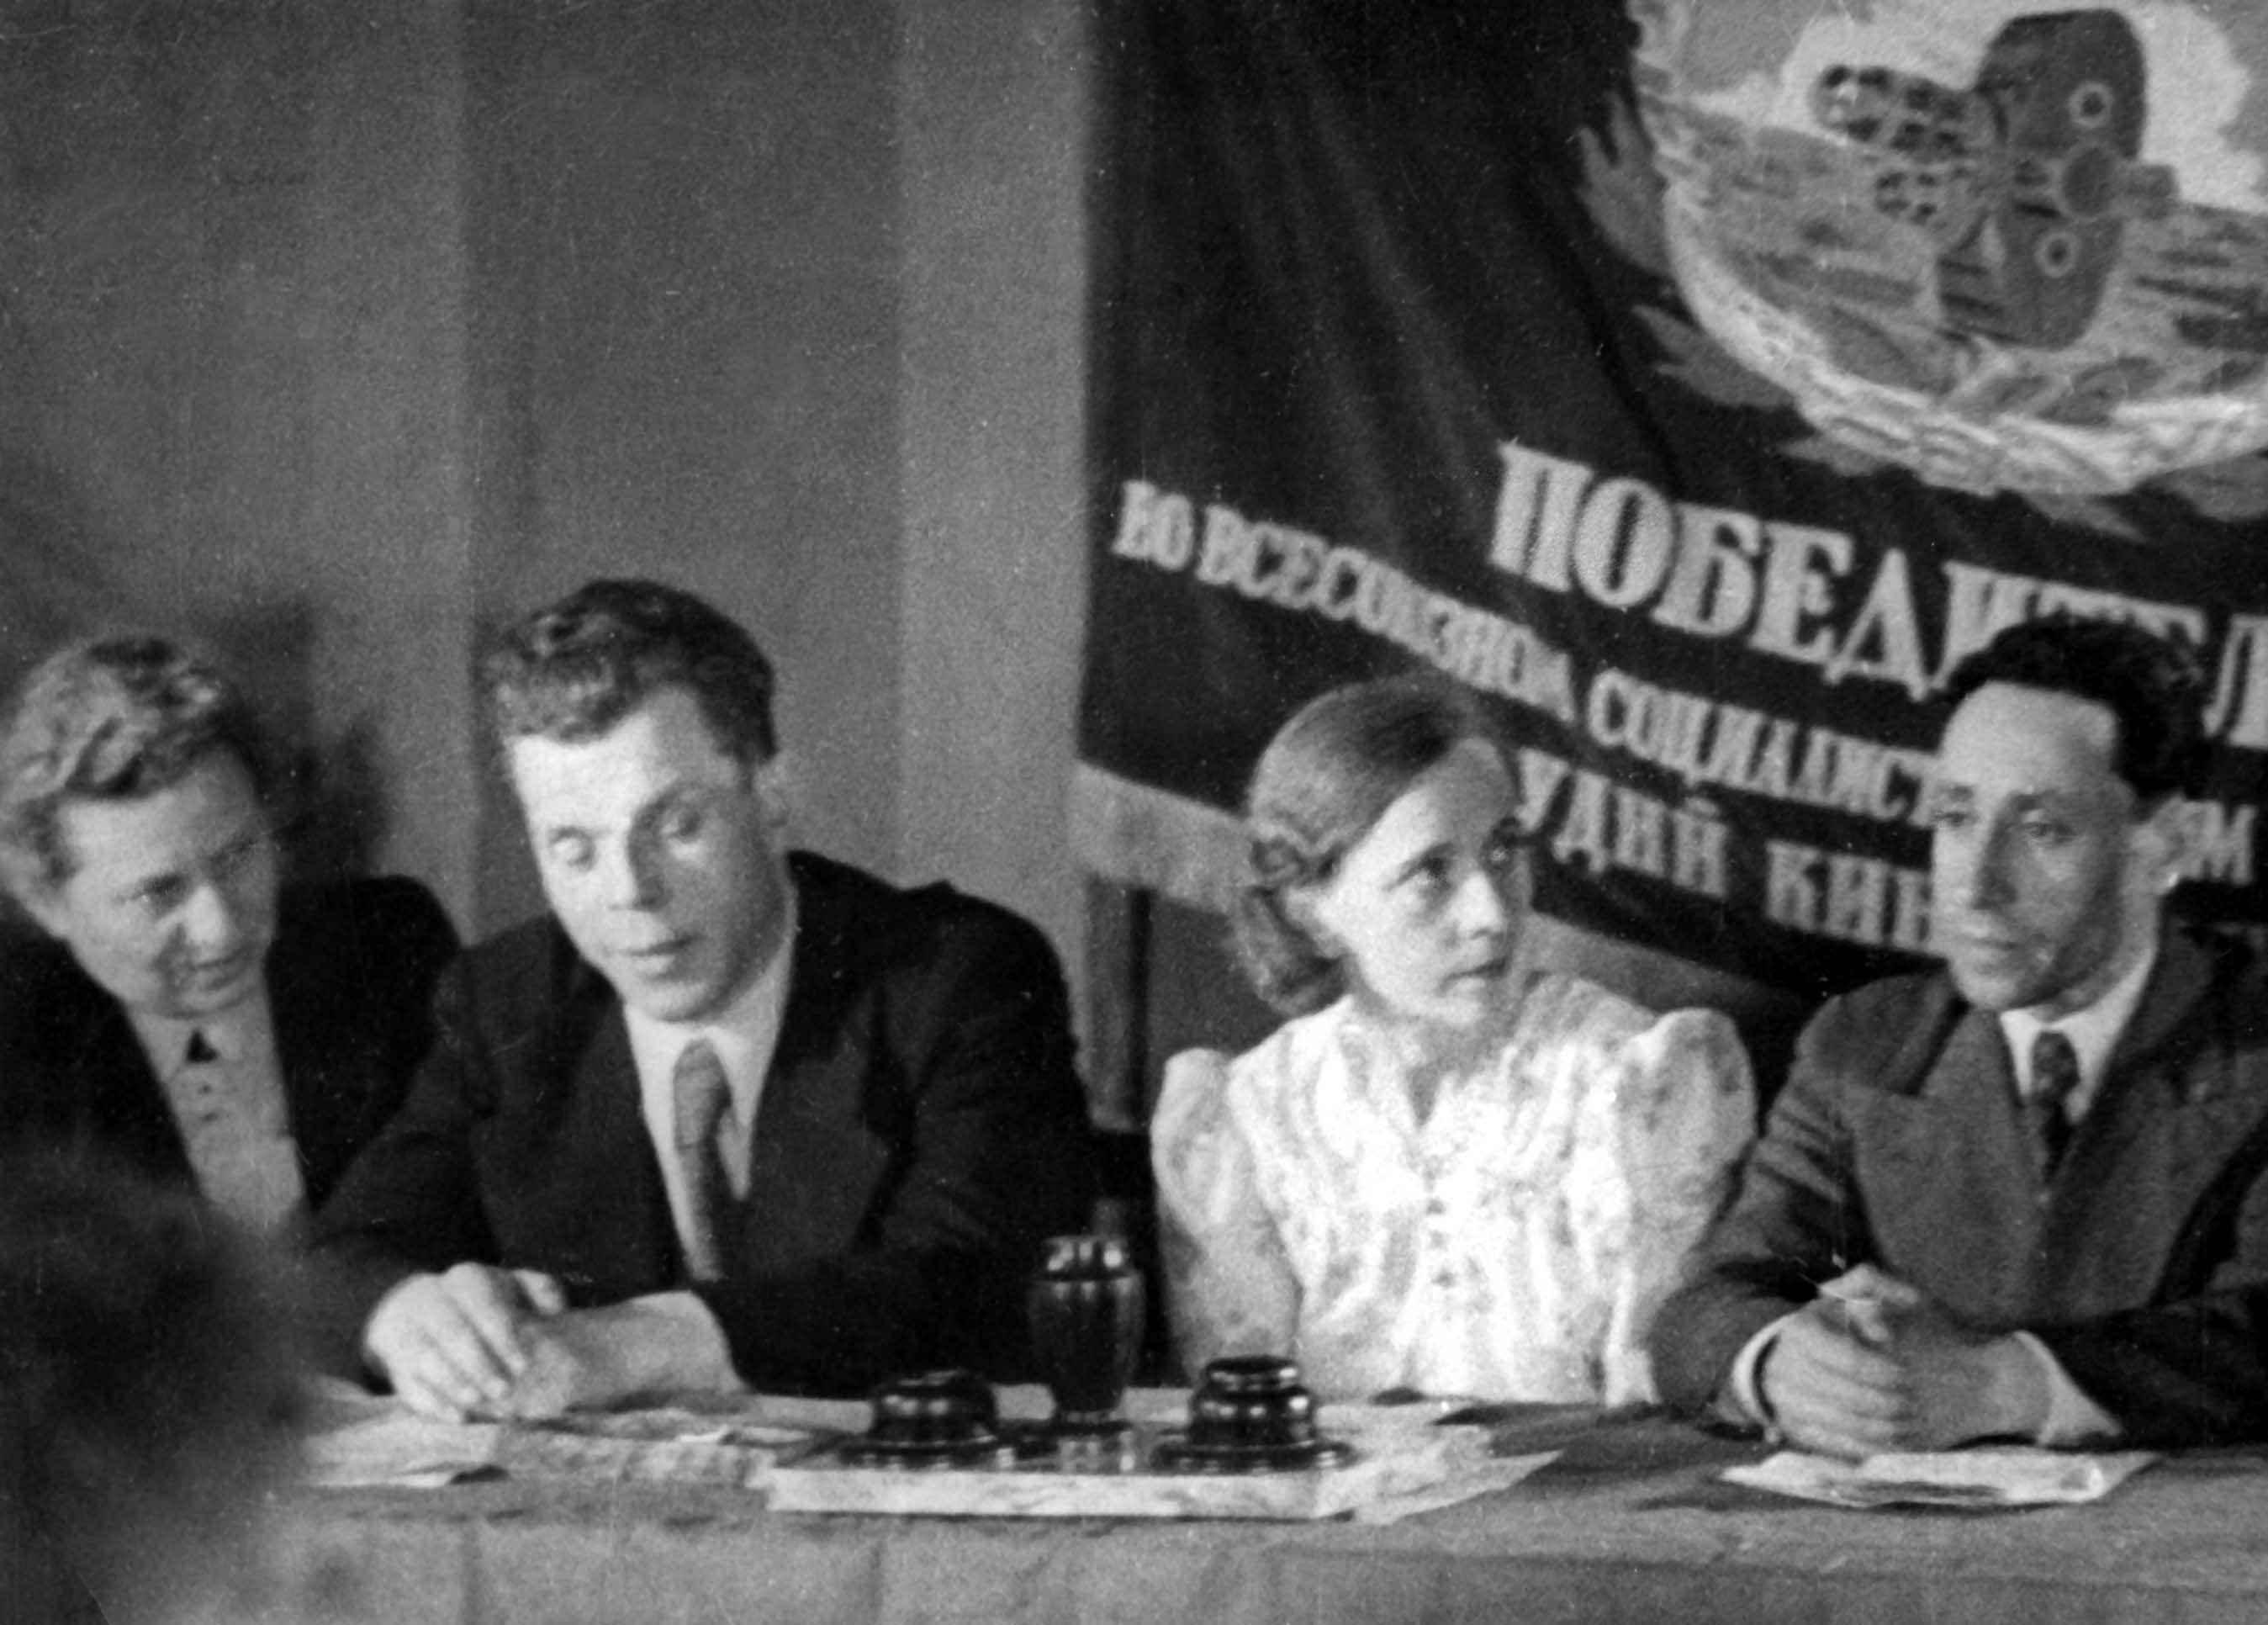 Экспонат #9. «Победителю во Всесоюзном социалистическом соревновании студий кинохроники»